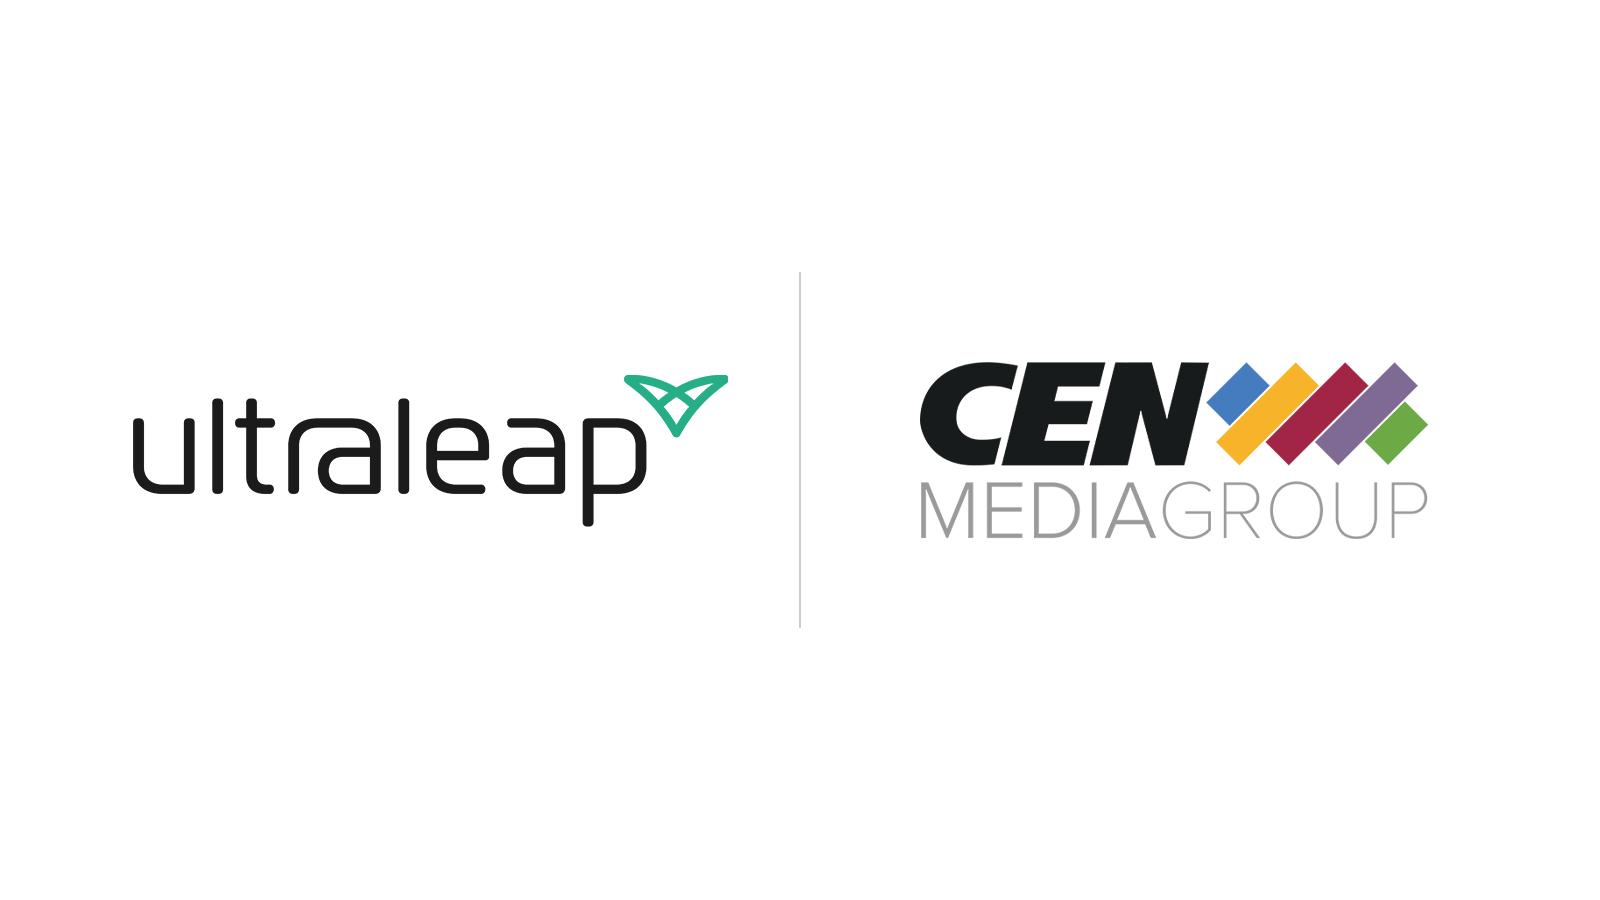 Ultraleap and CEN Media logos